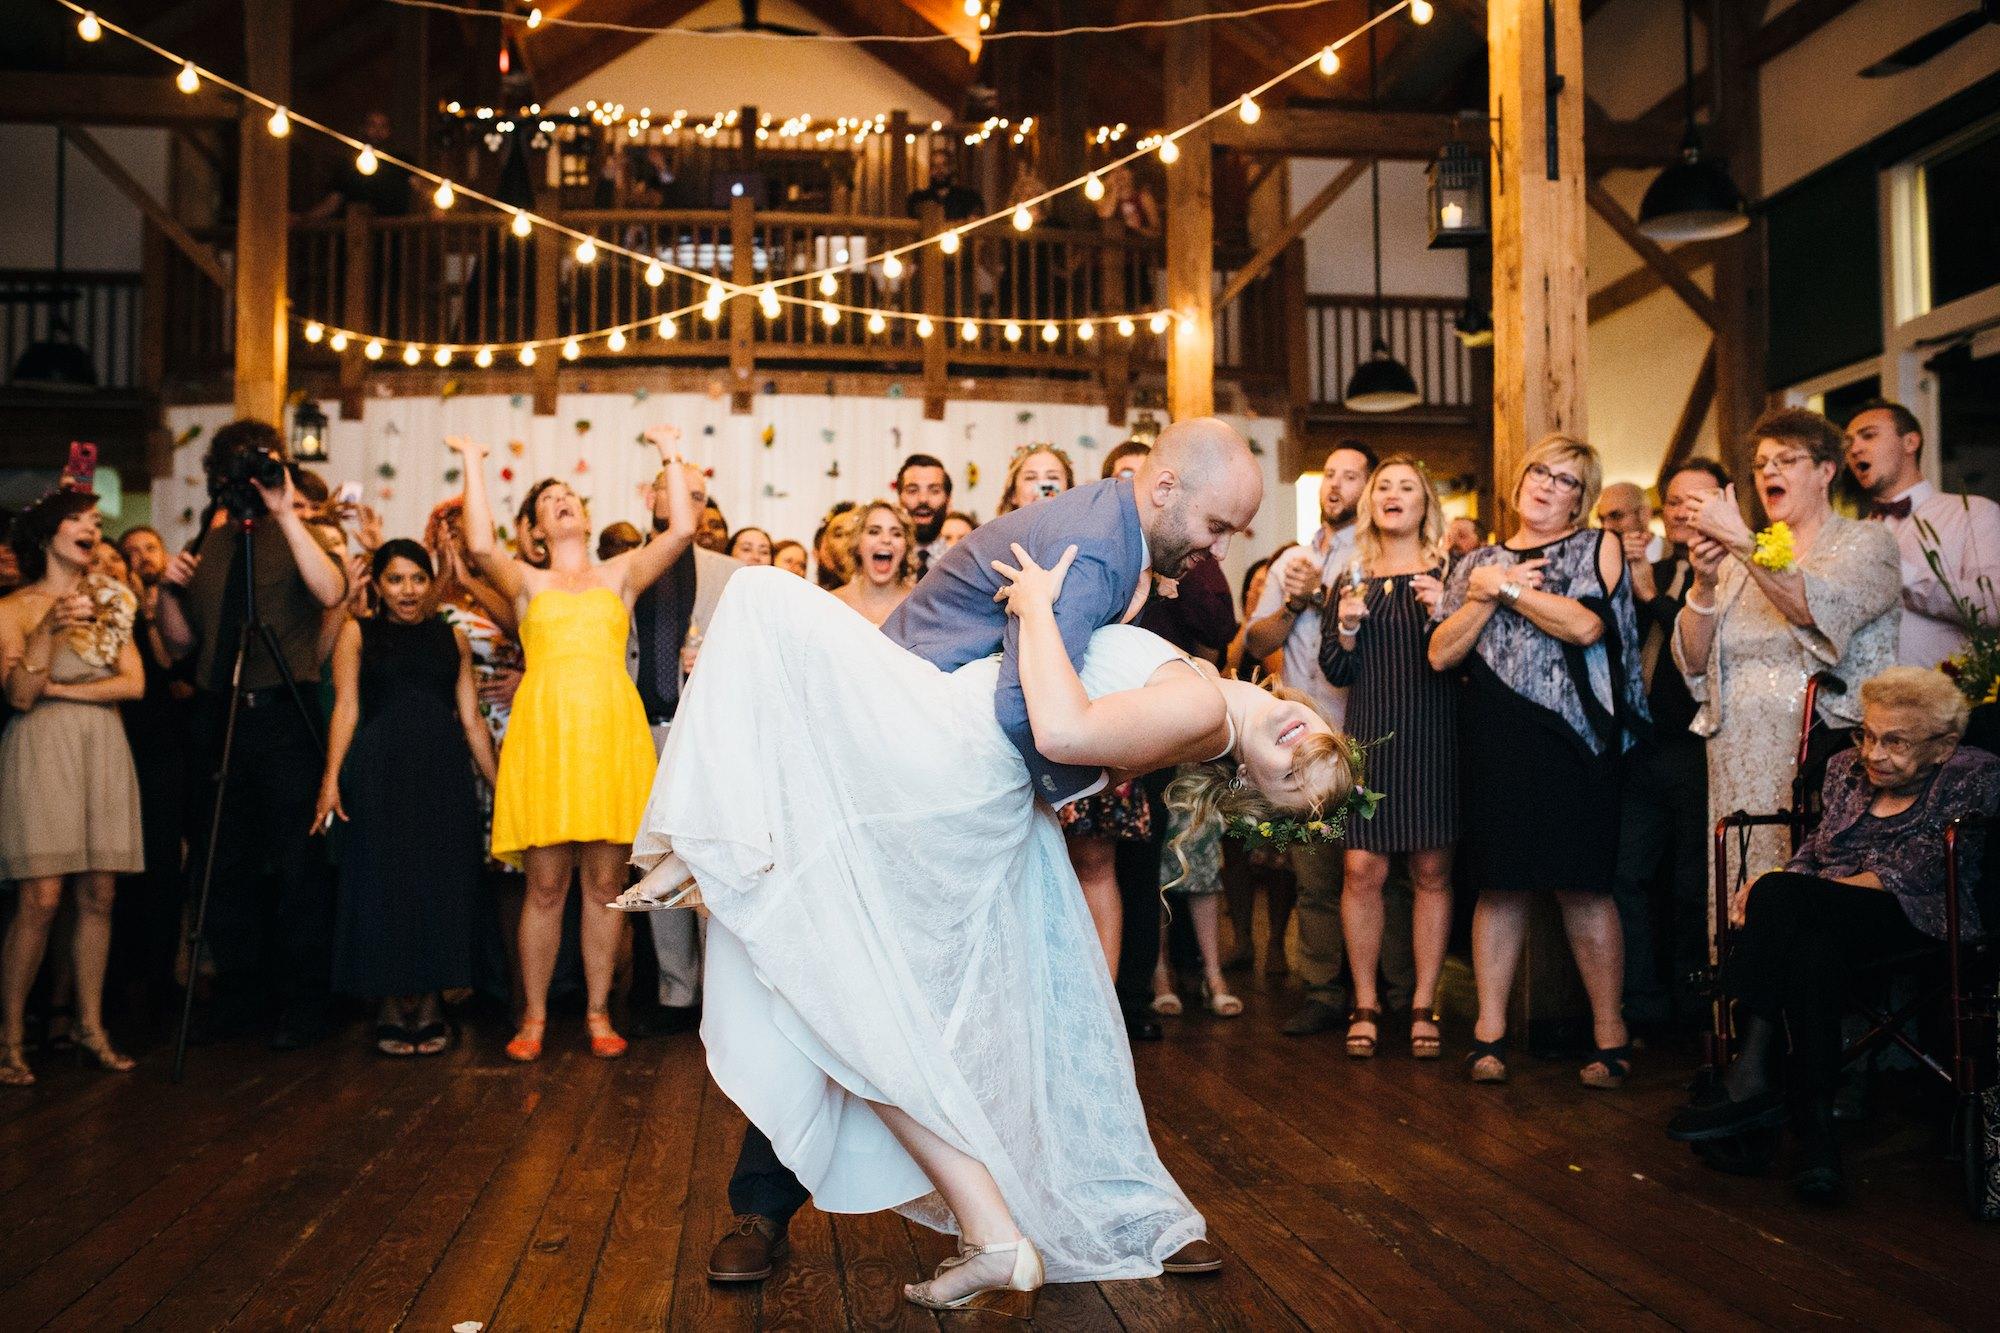 barn_wedding_byron_colby_barn_partial_planning_wedding_destination